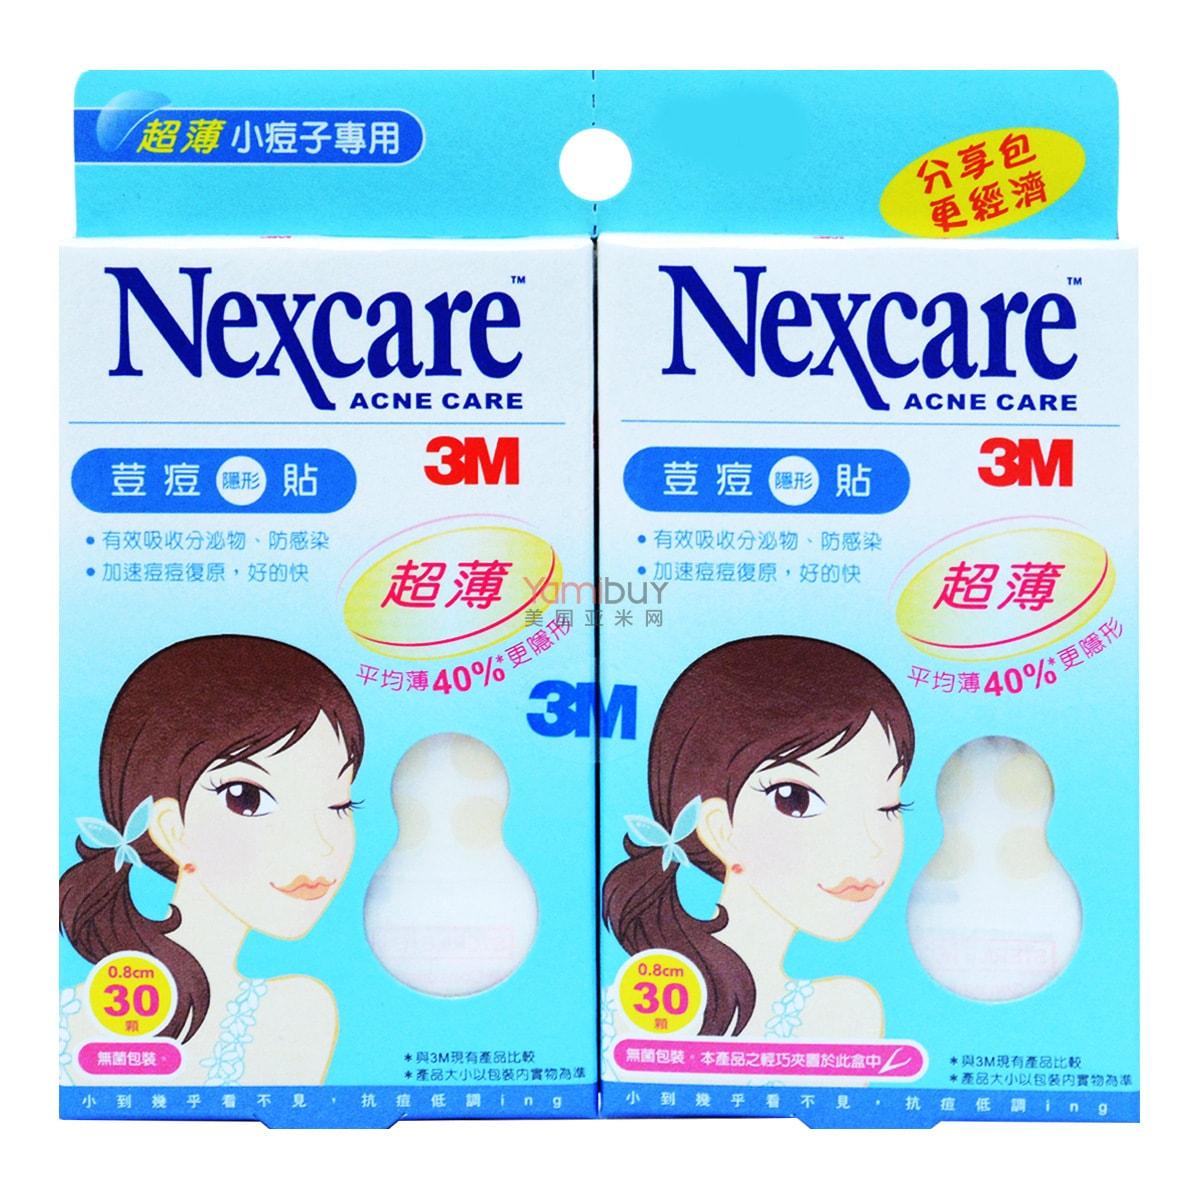 台湾3M NEXCARE 分享装隐形痘痘贴 小痘痘专用贴 60颗入